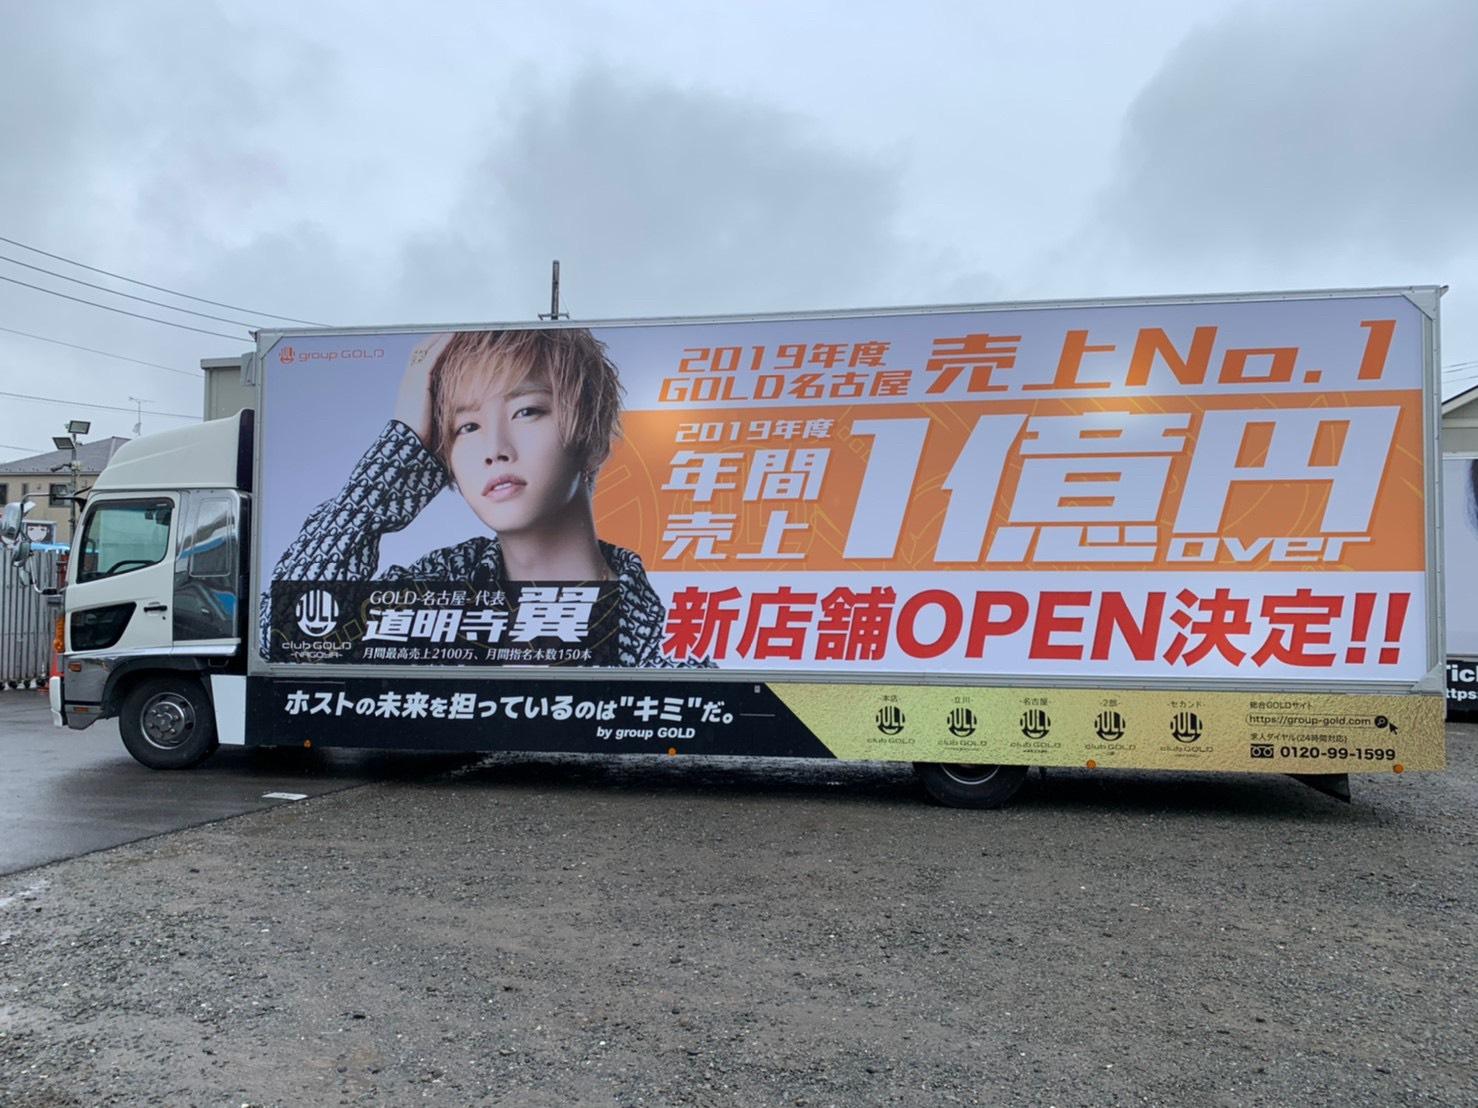 アドトラック名古屋を走行中!!新店舗OPEN決定!!